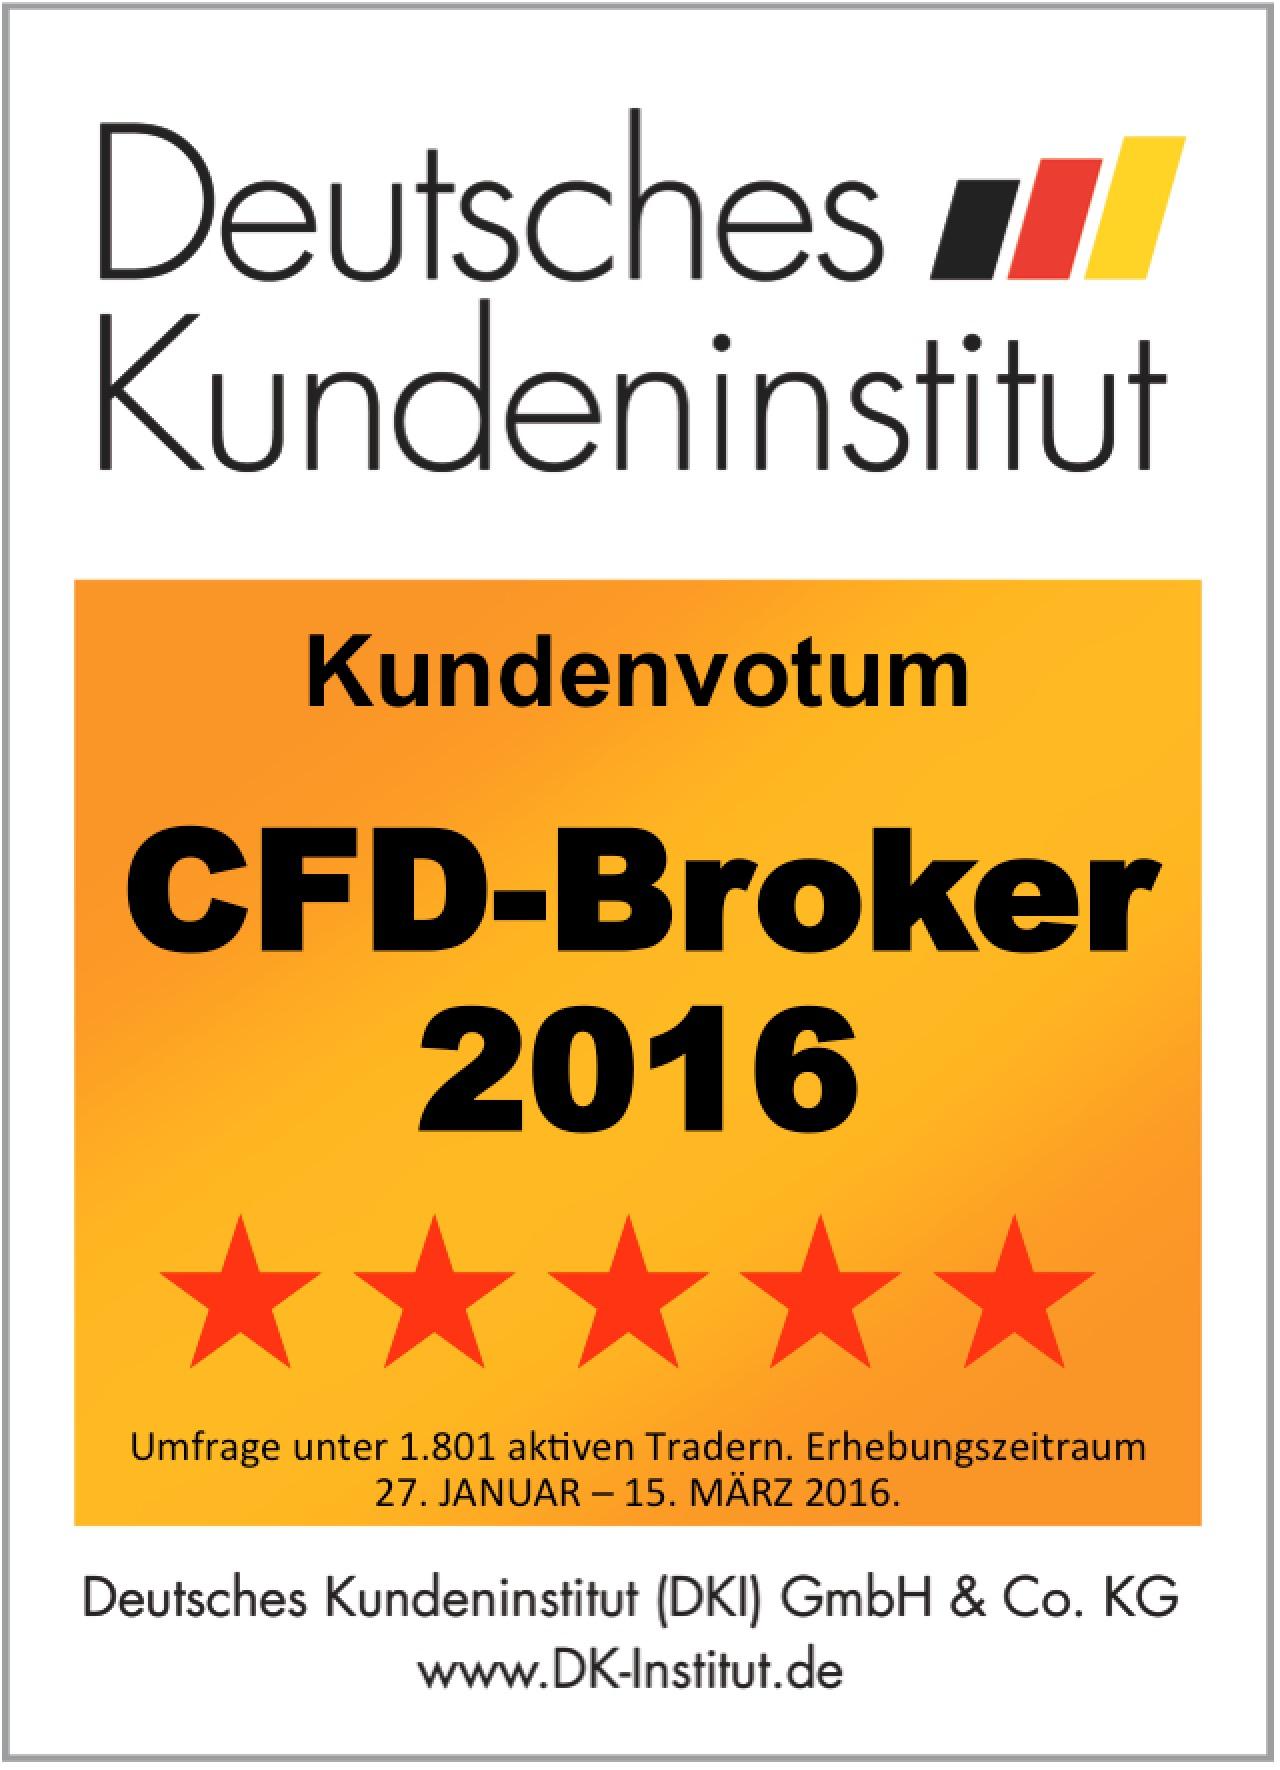 Admiral Markets ist CFD Broker 2016 laut Kundenvotum des Deutschen Kundeninstitutes